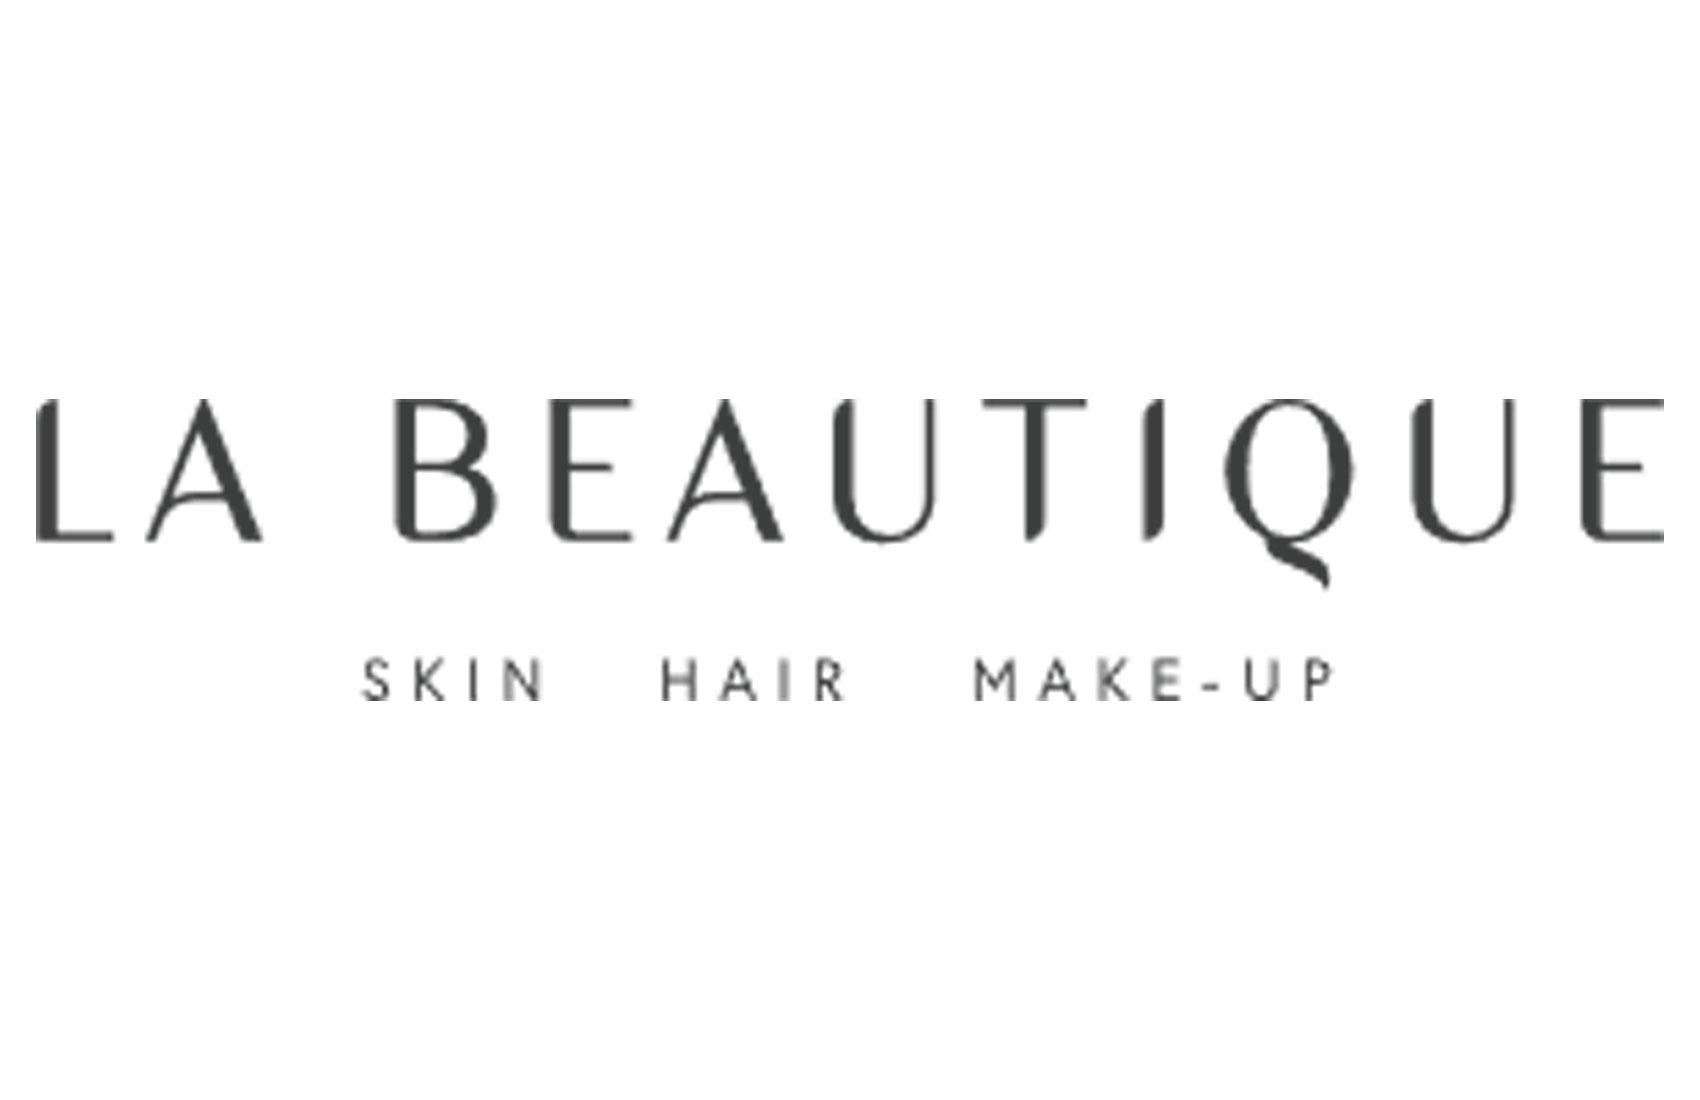 La Beautique schoonheids- en kapsalon